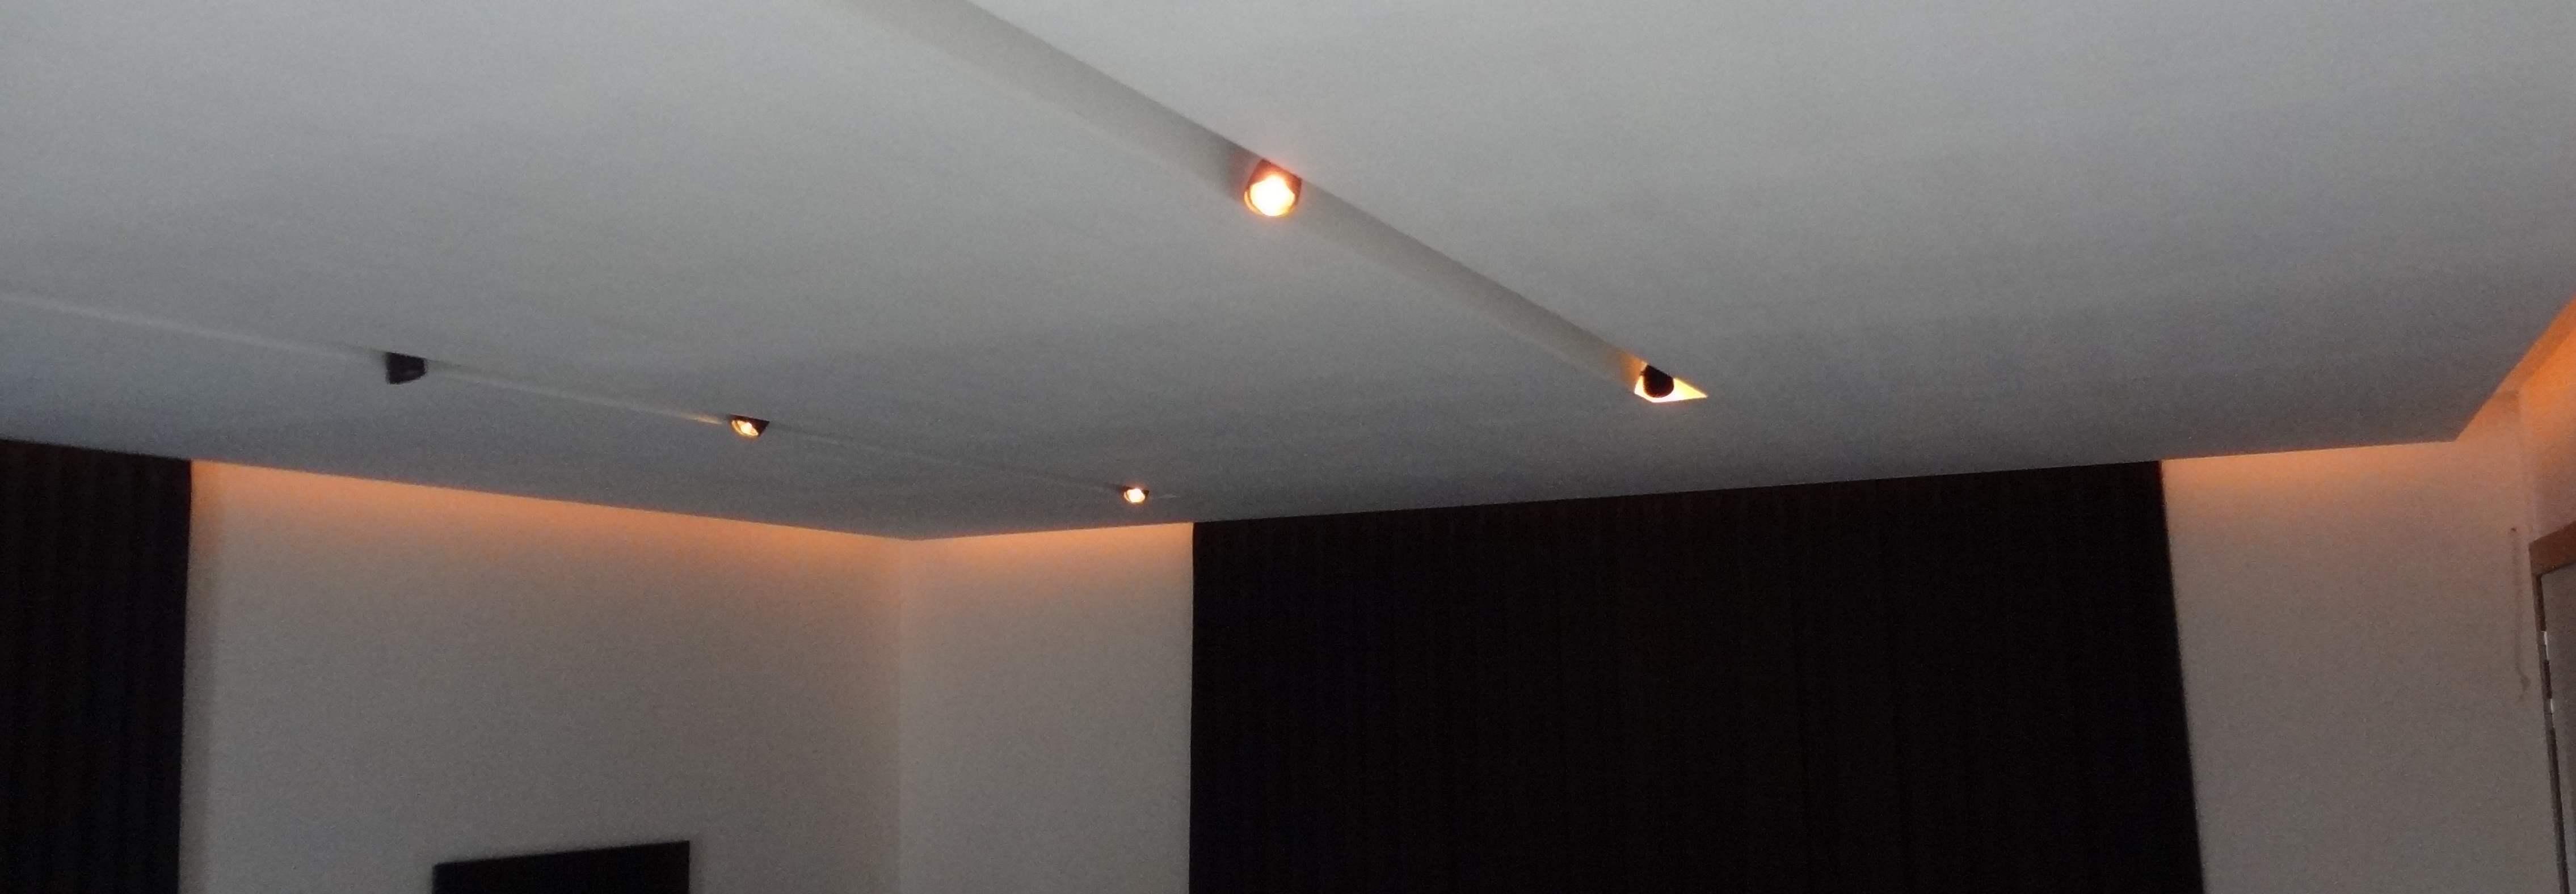 Voorbeeld: Indirecte verlichting - Ingewerkte verlichting - Ingewerkte ...